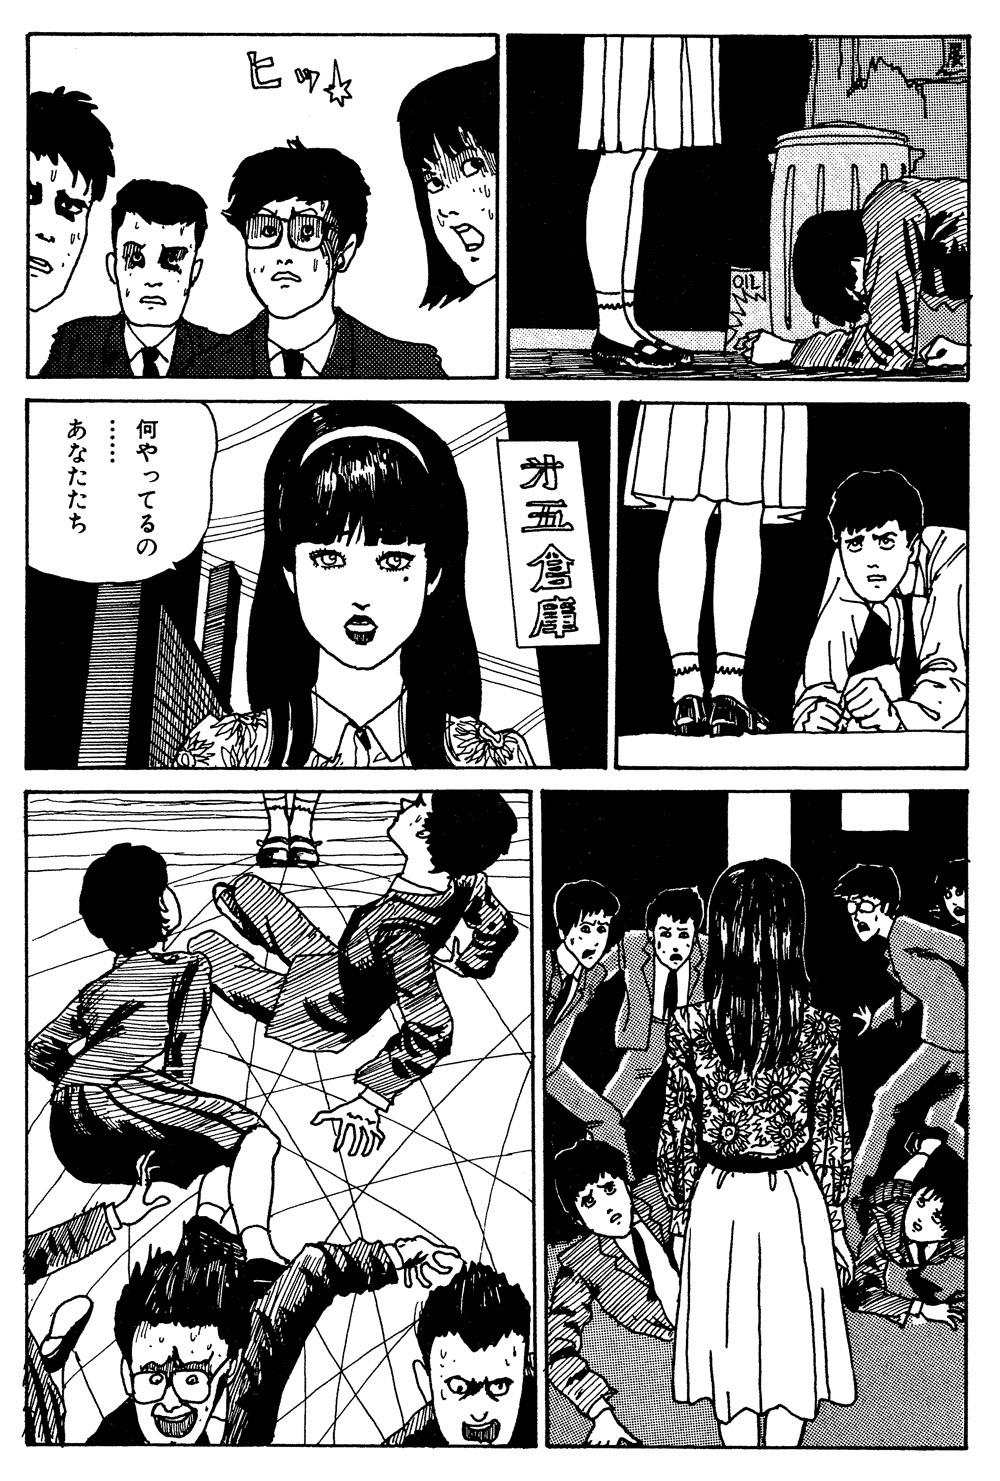 伊藤潤二傑作集 第1話「富江」③itouj_0001_0030.jpg